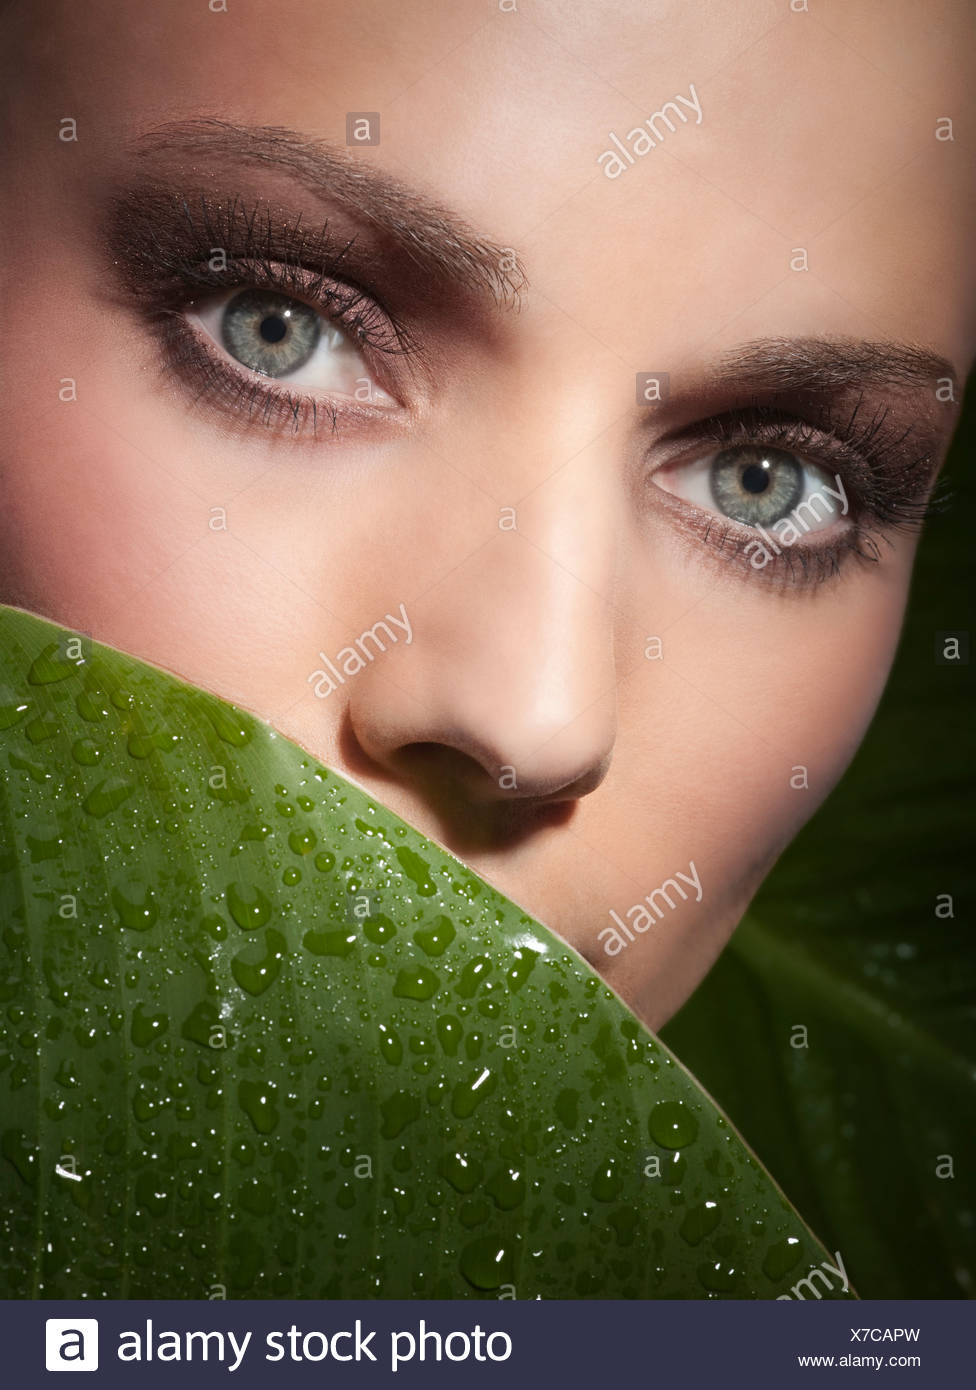 Una giovane donna di' faccia dietro una foglia verde Immagini Stock